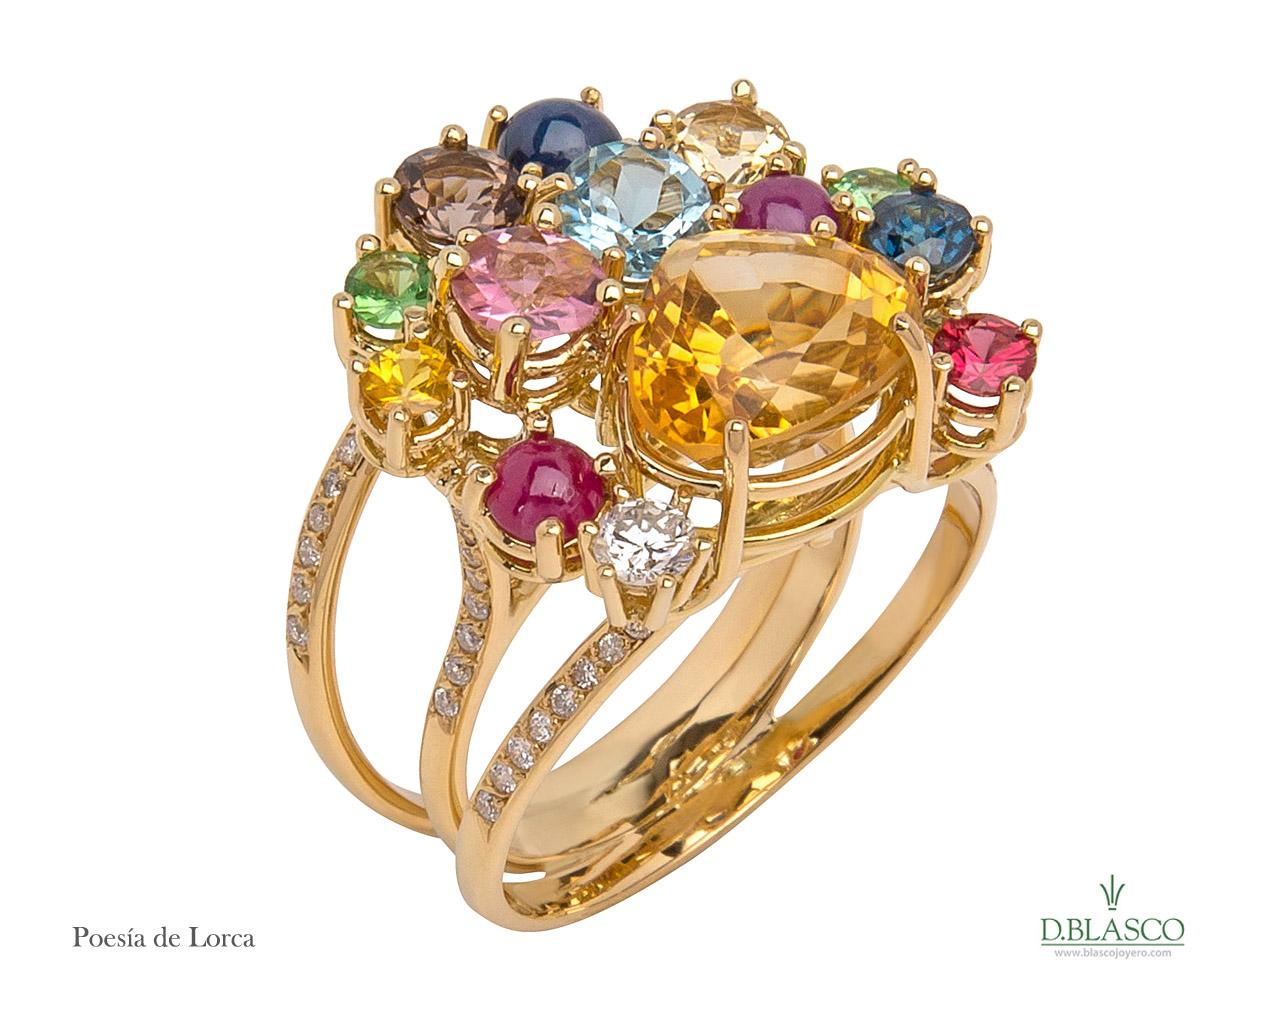 Poesía de Lorca anillo